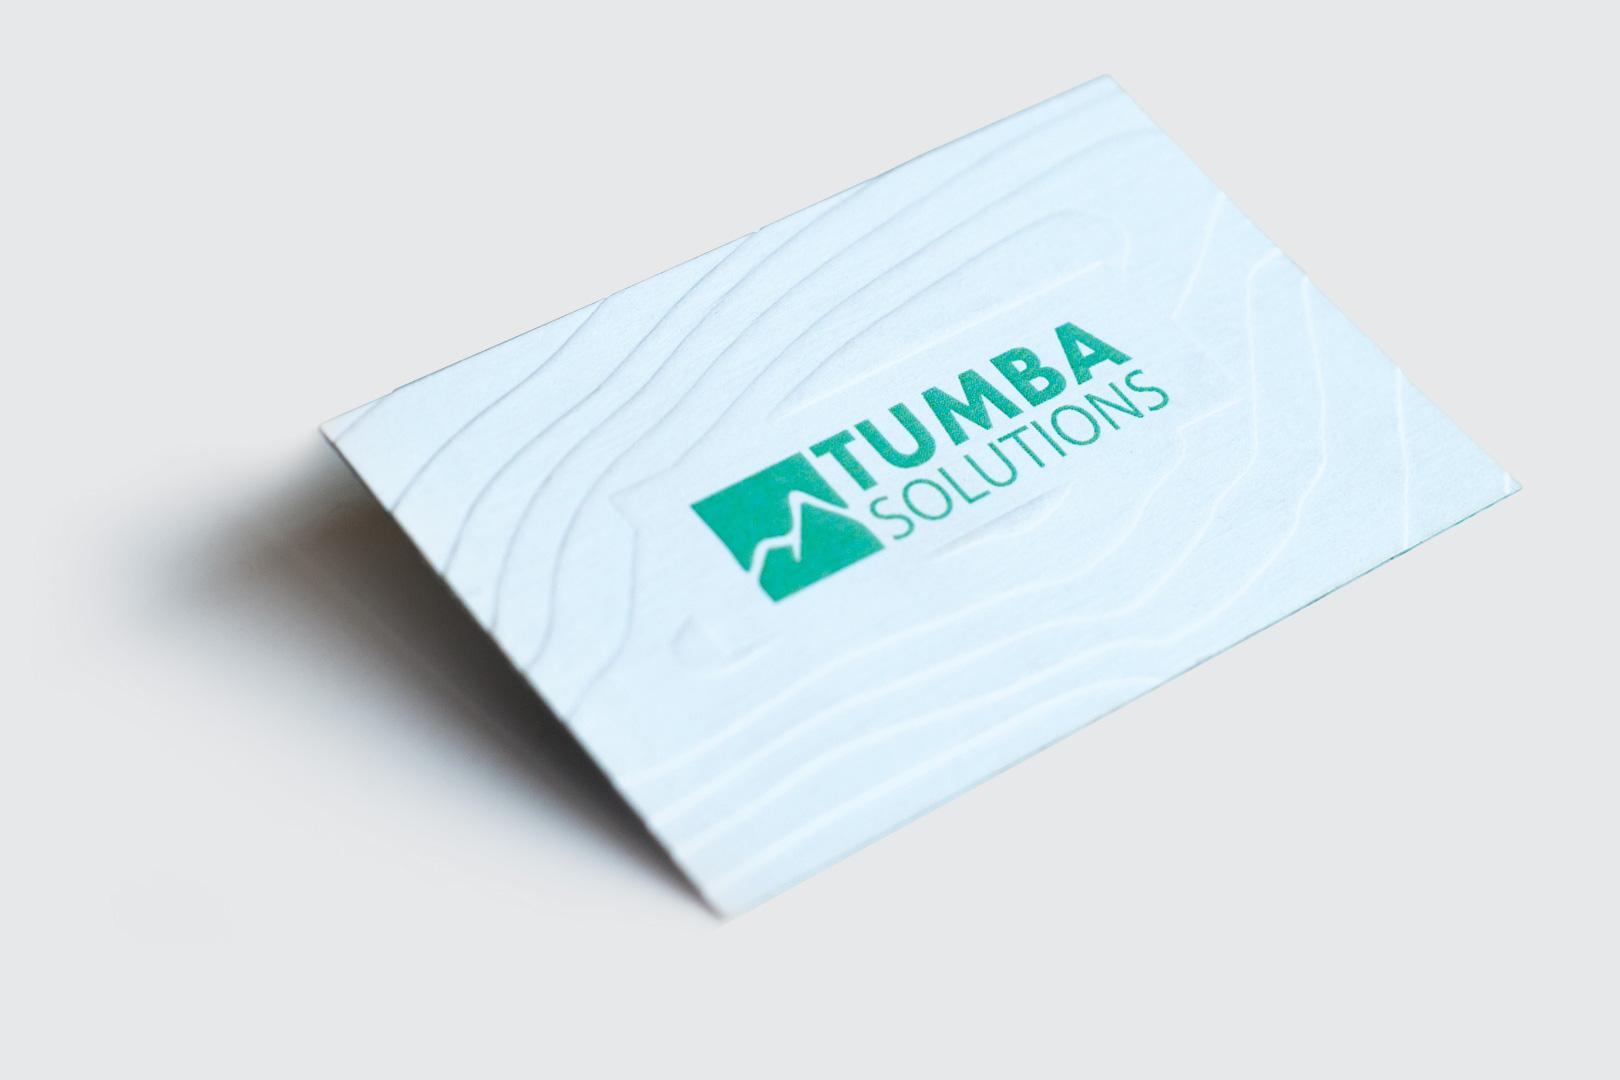 Визитна картичка, изработена с технология multilevel и едностранен пълноцветен печат.